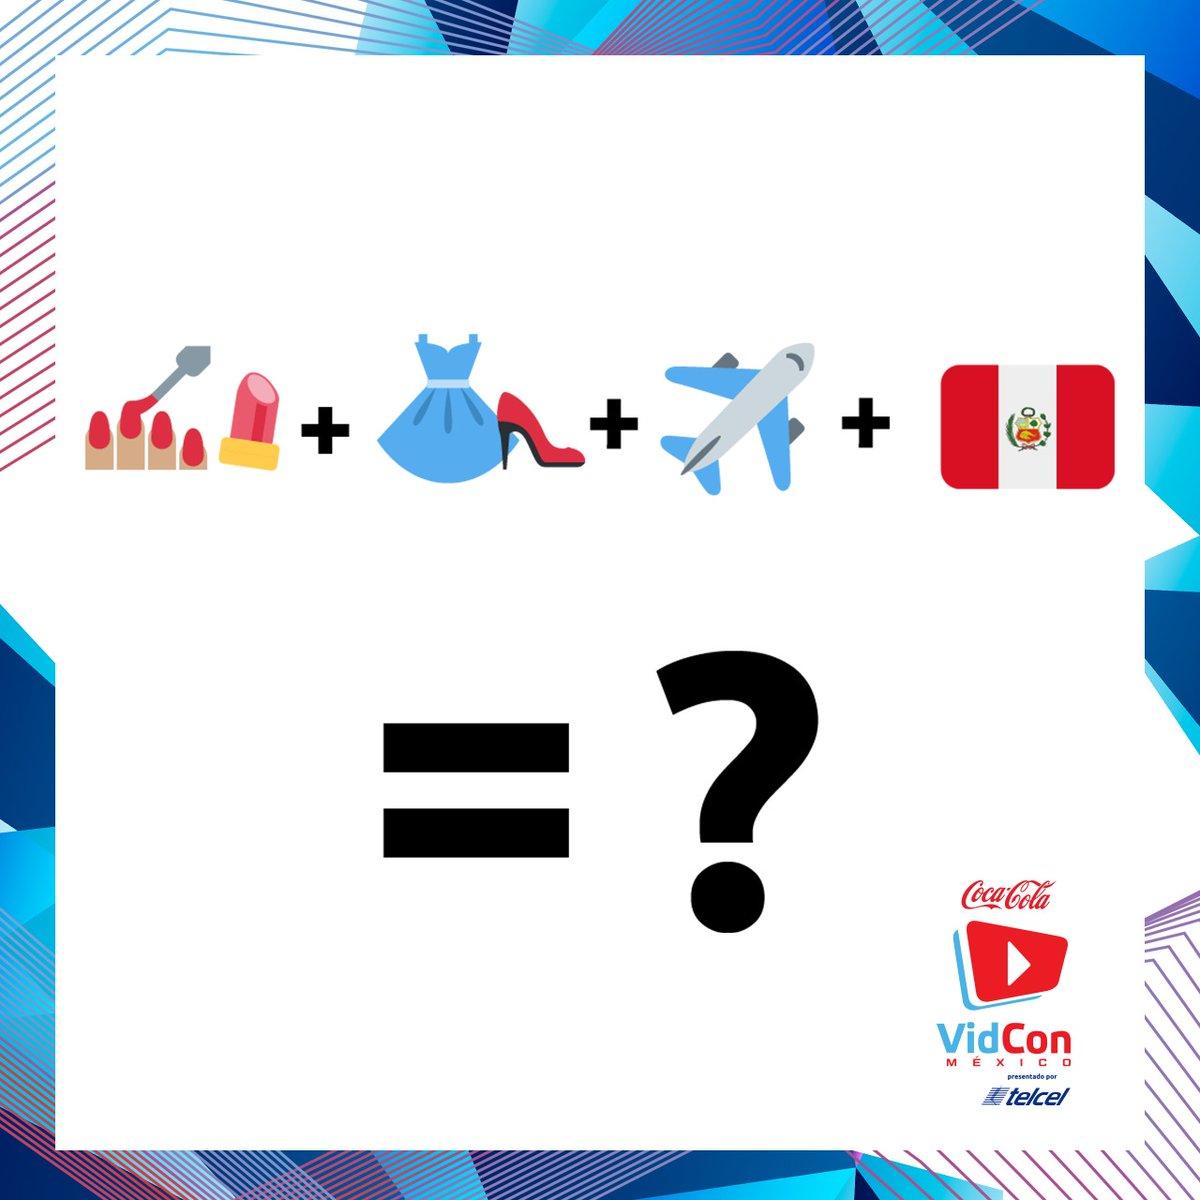 ¡Hoy anunciamos un nuevo creador que estará en VidCon México! ¿Quién creen que sea? #VidConMXReady